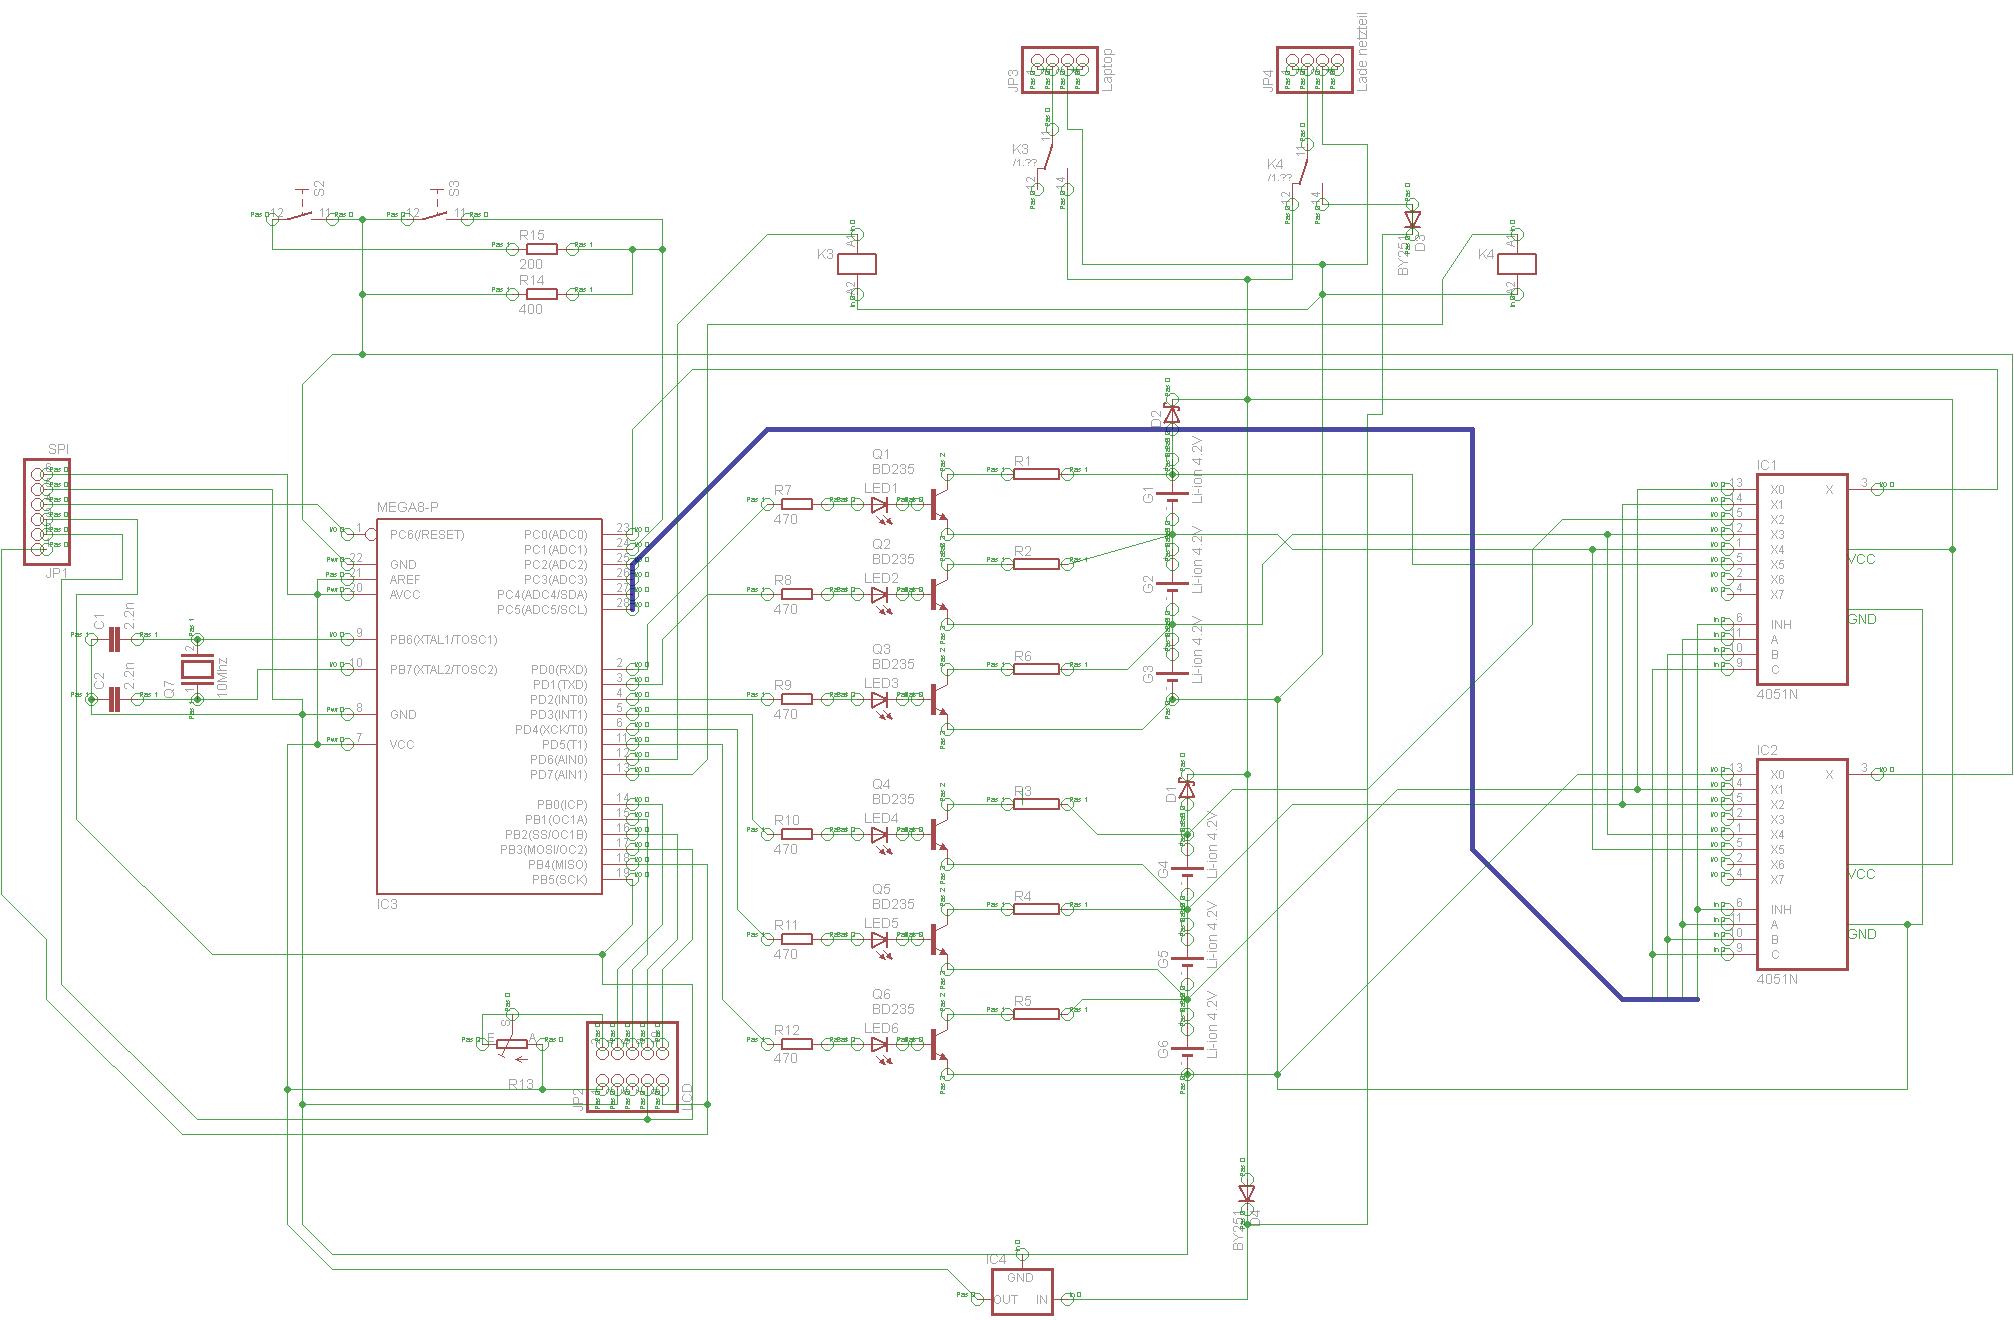 Ungewöhnlich Elektroauto Schaltplan Galerie - Elektrische Schaltplan ...